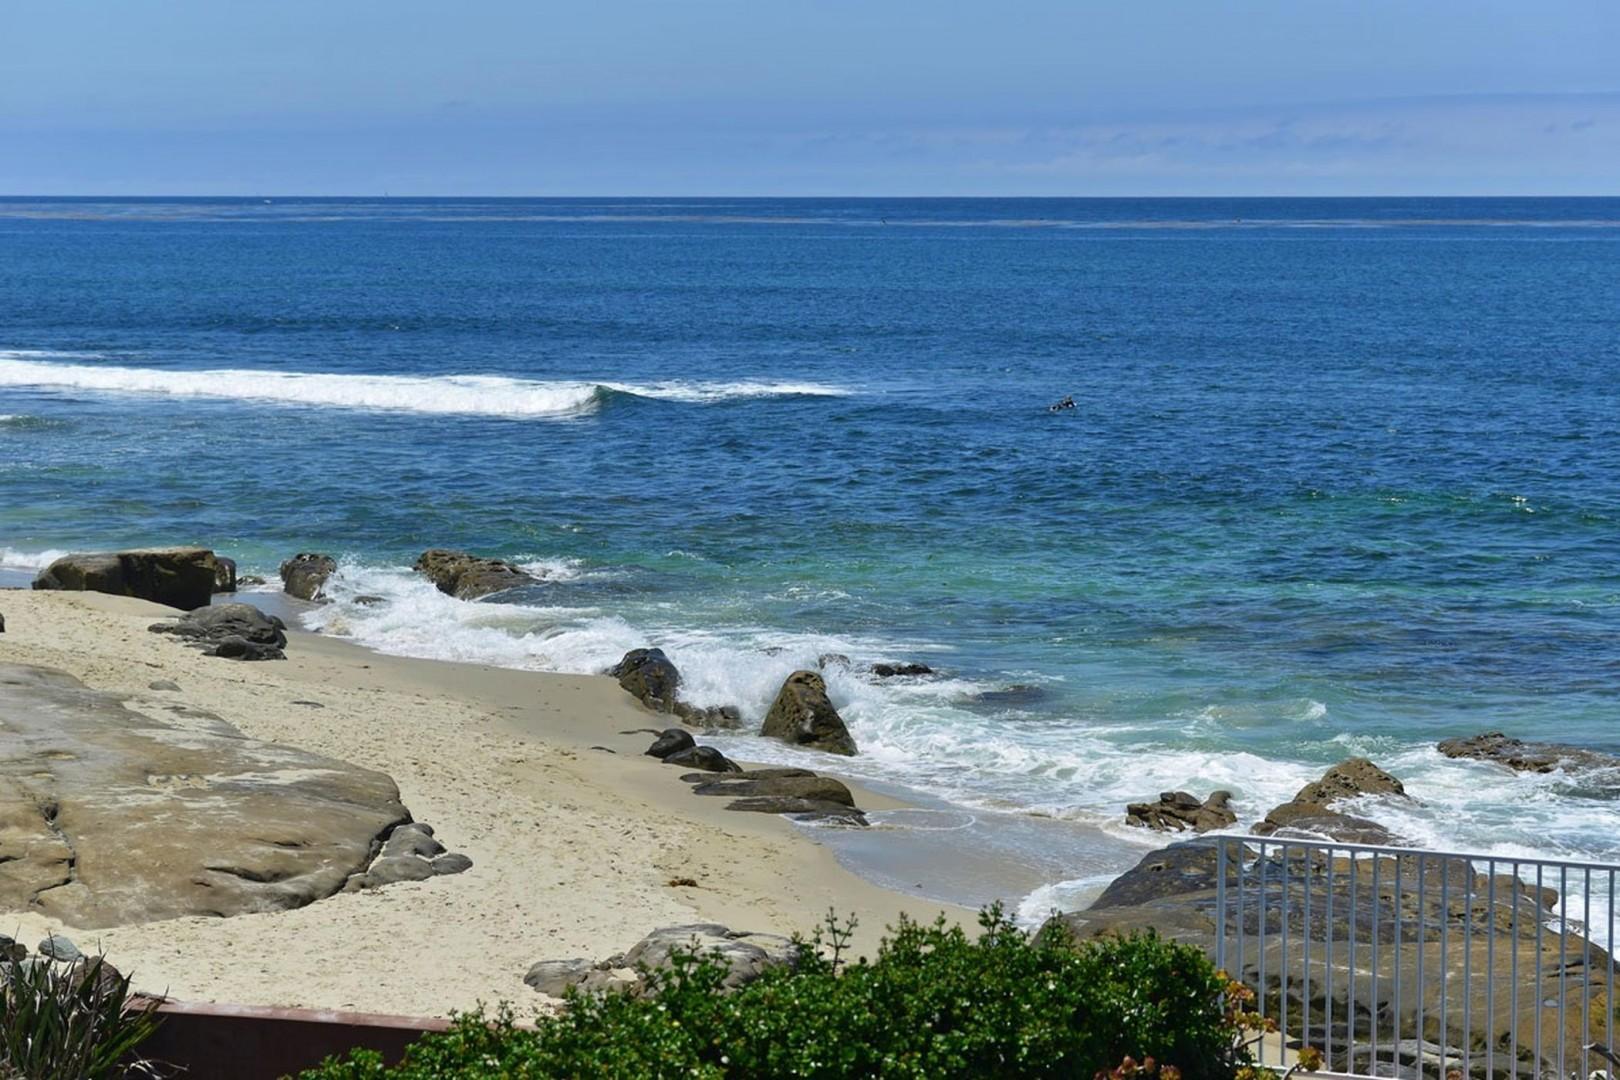 The beautiful La Jolla coastline